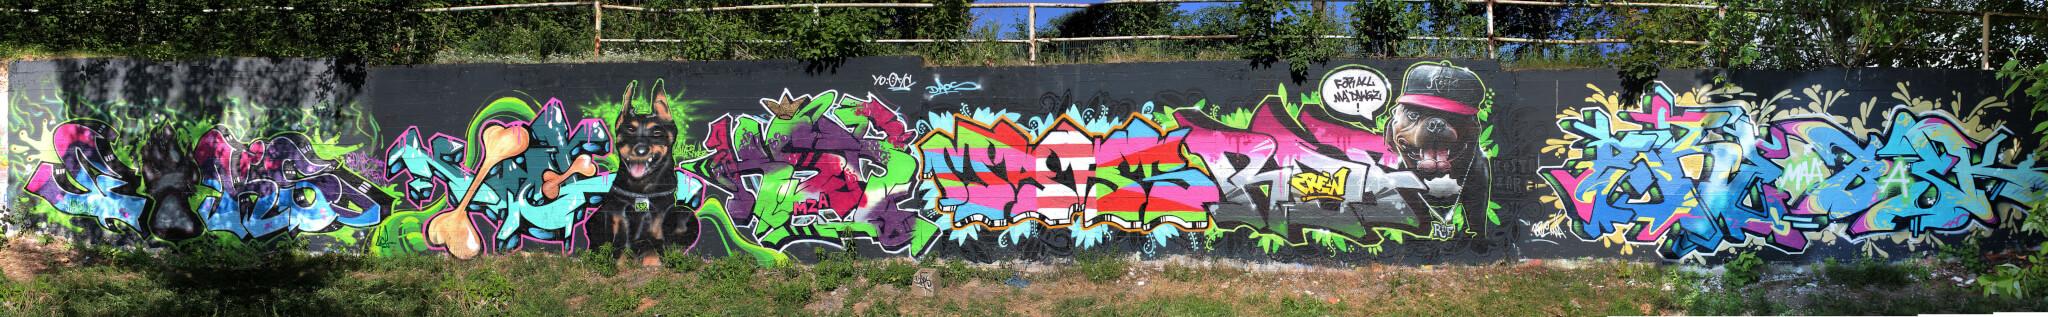 legales Graffiti in Eisenach - Max Kosta 2015